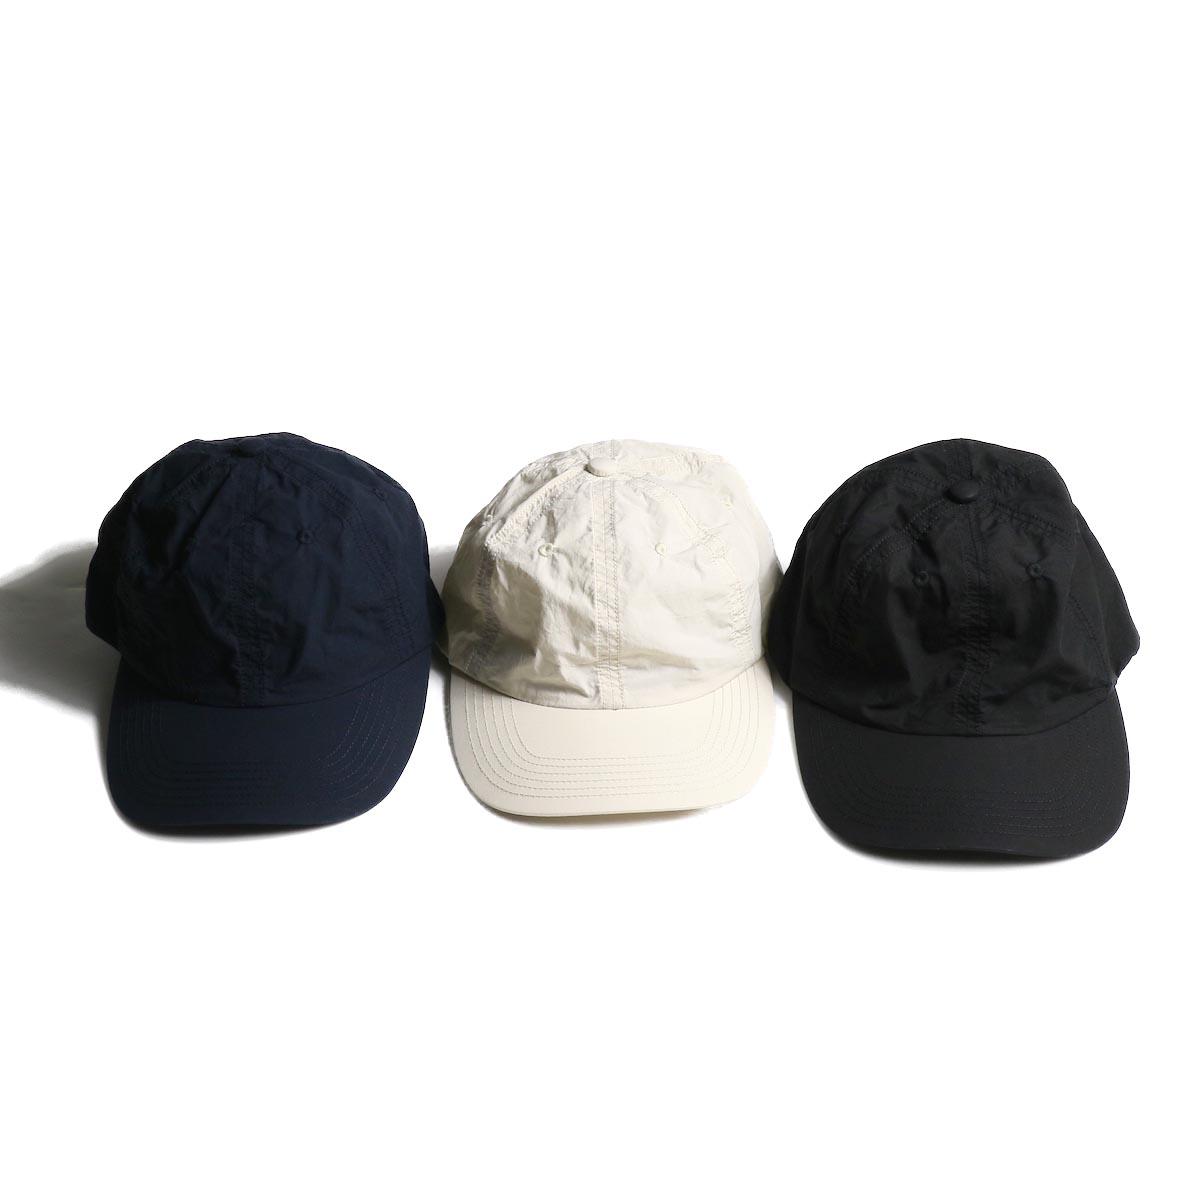 KIJIMA TAKAYUKI / Cotton Linen Cap  (No.201220)